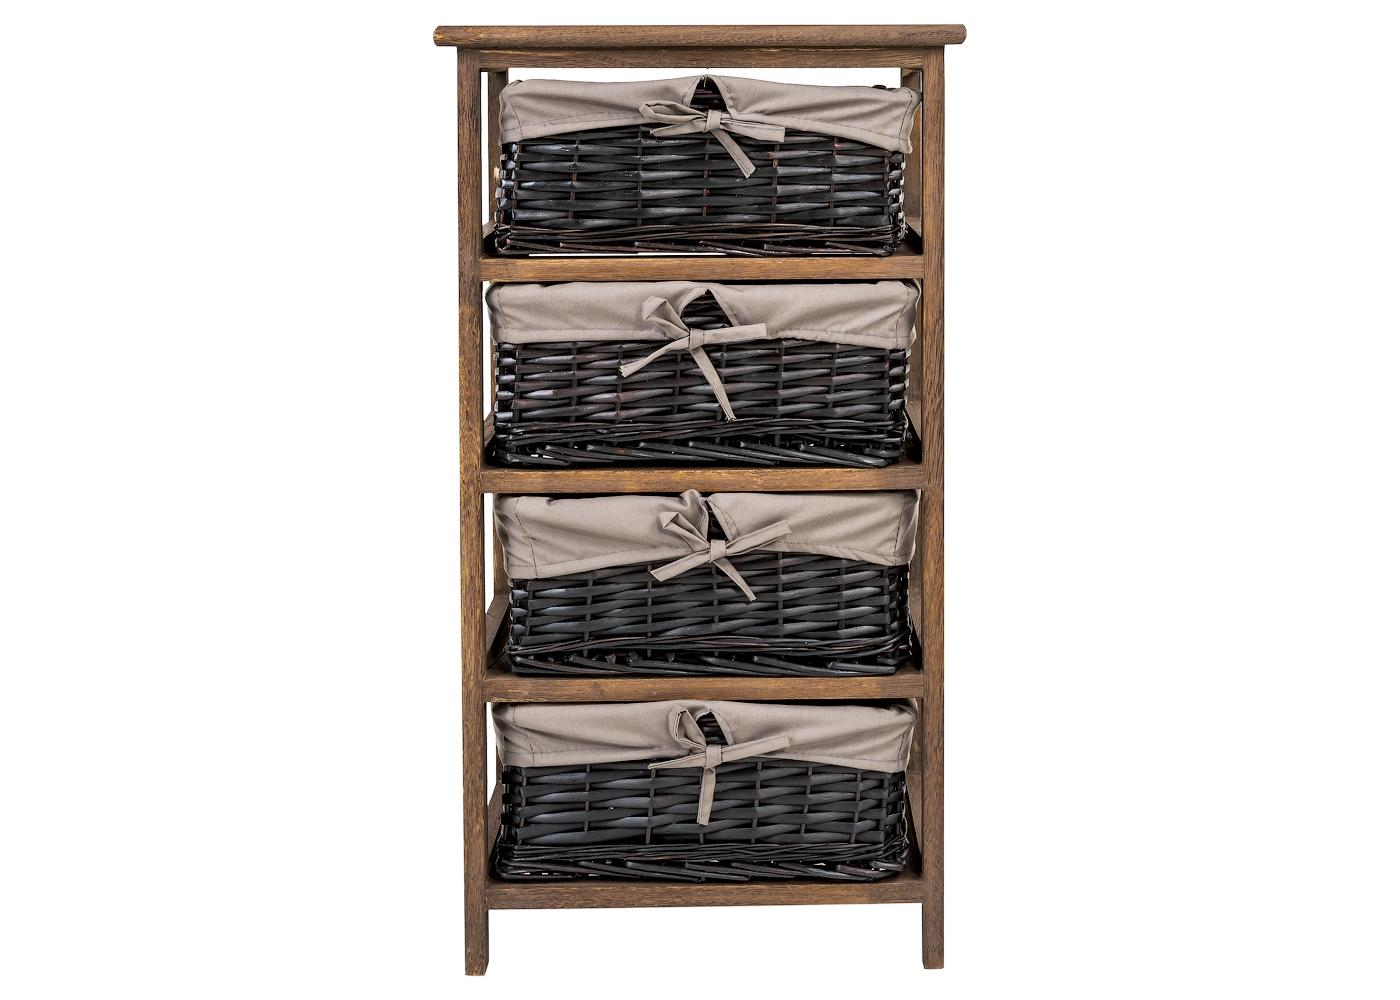 Стеллаж с четырьмя корзинами «Дижон»Стеллажи и этажерки<br>Стеллаж &amp;quot;Дижон&amp;quot; эффектно и органично впишется в интерьеры, тяготеющие к естественной природной красоте. В пространствах этно, эко или прованского стиля его функциональная конструкция будет на своем месте. Великолепная древесная фактура поможет добавить комнате естественности.&amp;lt;div&amp;gt;&amp;lt;br&amp;gt;&amp;lt;/div&amp;gt;&amp;lt;div&amp;gt;Материал: дерево павловния (адамовое дерево).&amp;lt;/div&amp;gt;&amp;lt;div&amp;gt;Вес: 3,9 кг.&amp;lt;/div&amp;gt;<br><br>Material: Дерево<br>Length см: None<br>Width см: 40<br>Depth см: 29<br>Height см: 73